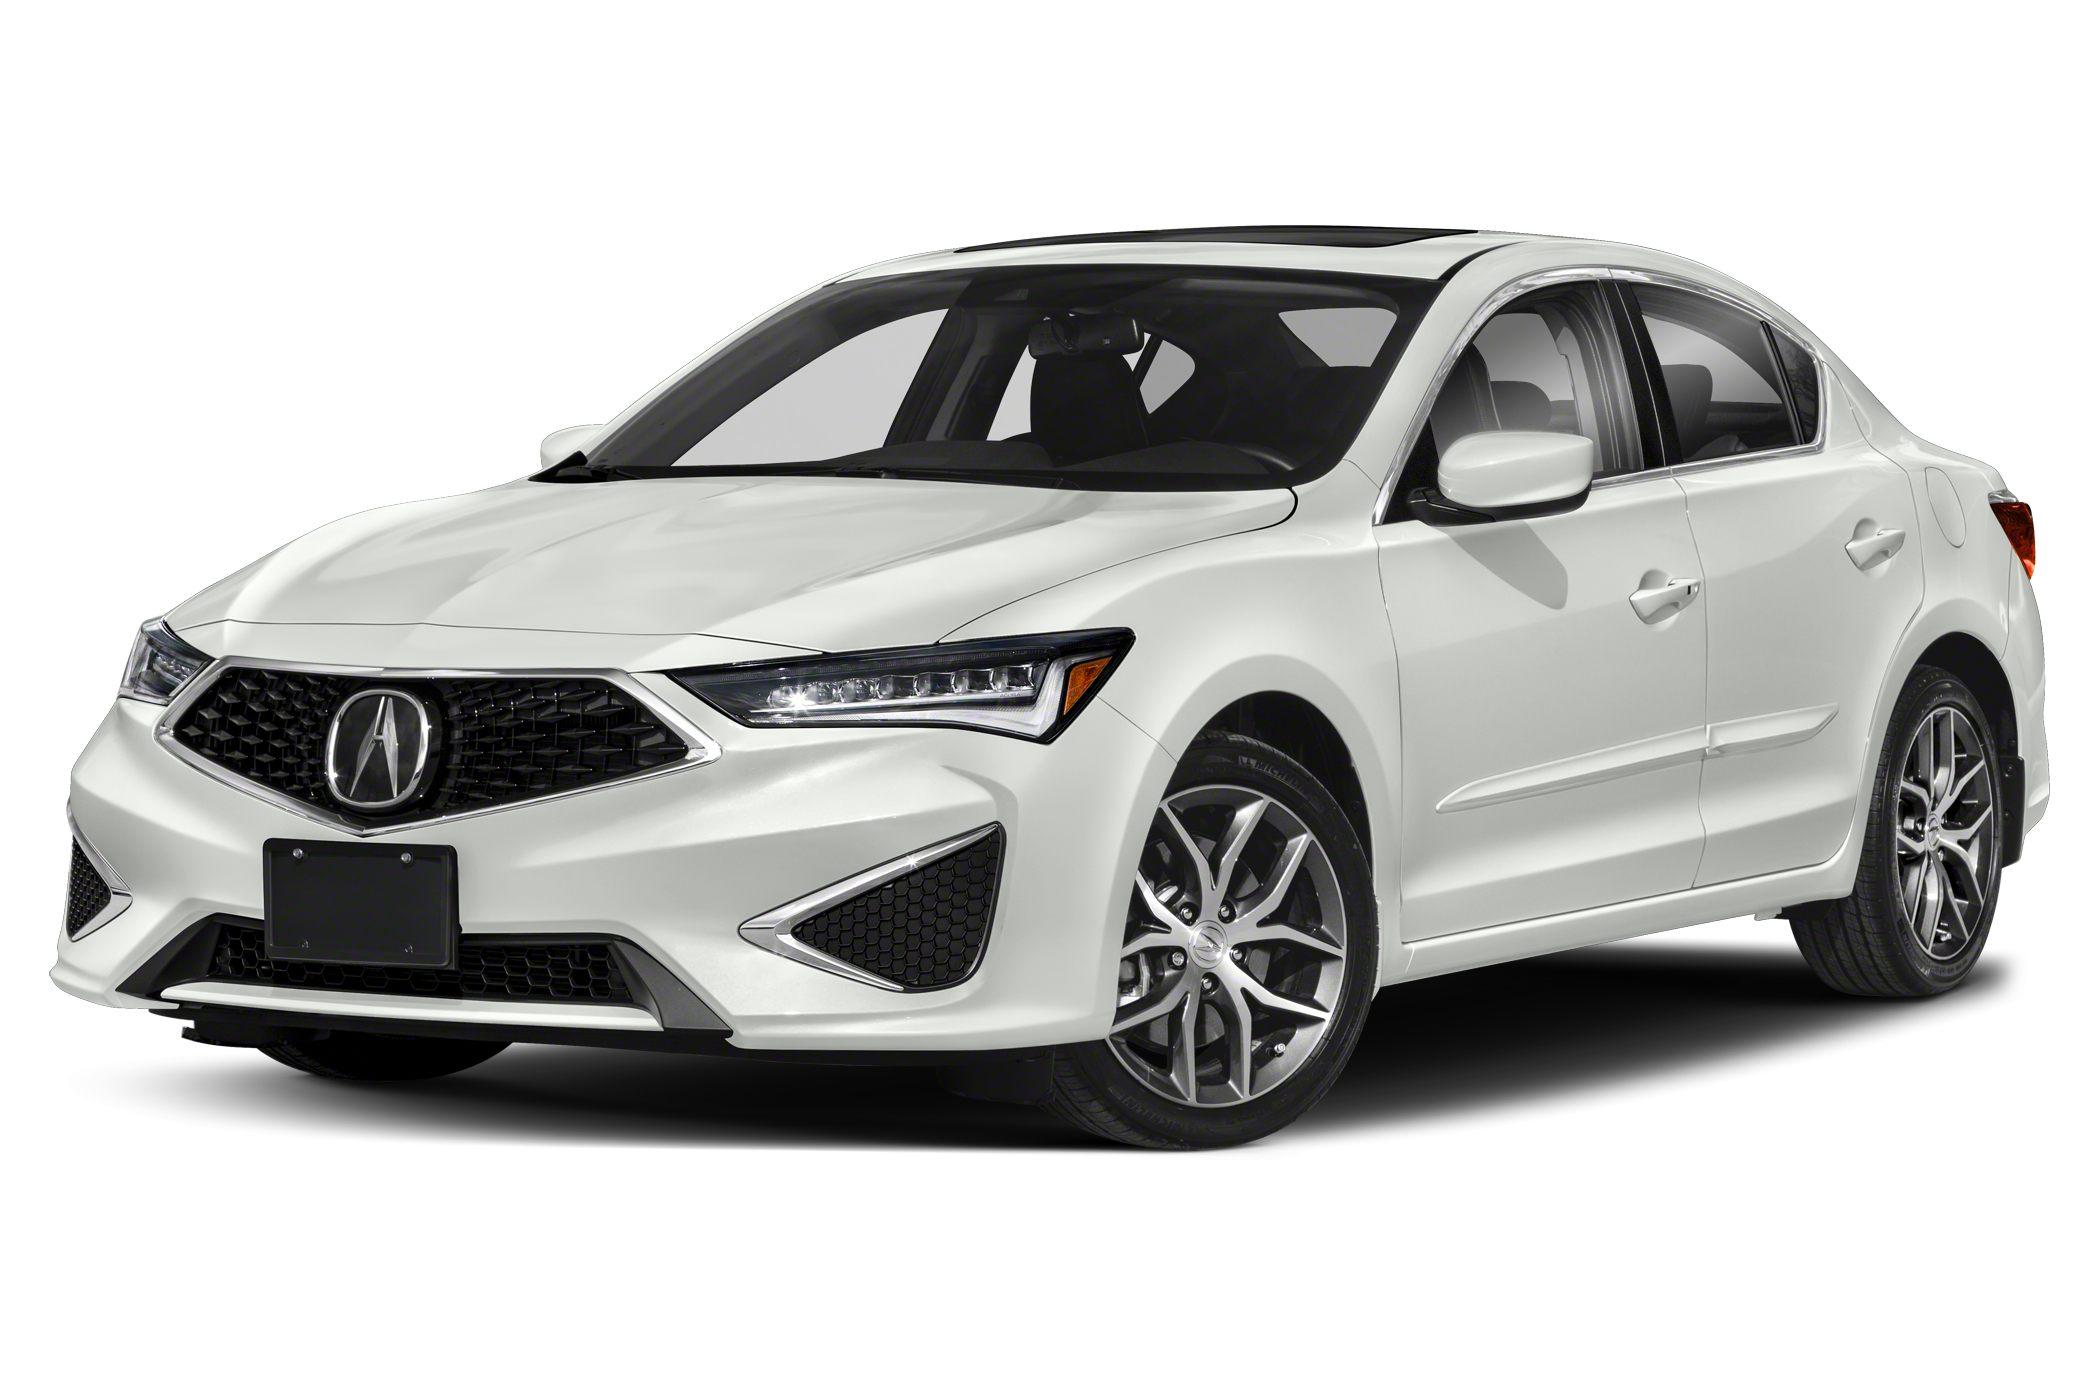 2019 Acura ILX Premium Package 4dr Sedan